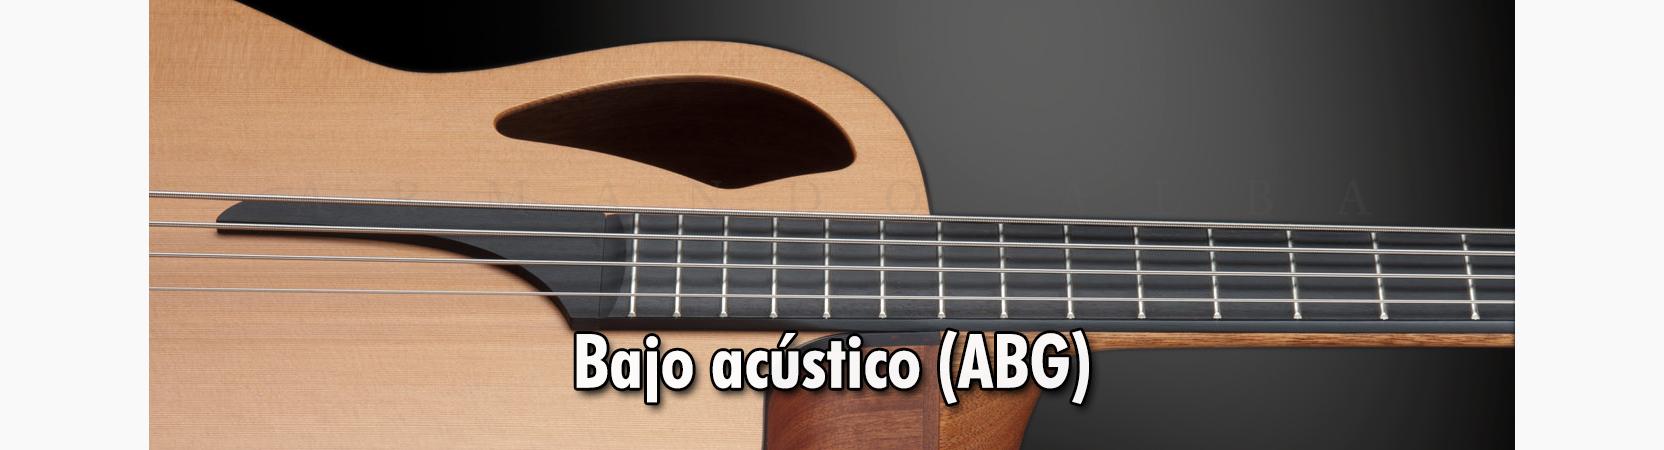 Imagen_para_página_Wix_-_gtr_acústica_05-1_(1664x450px)